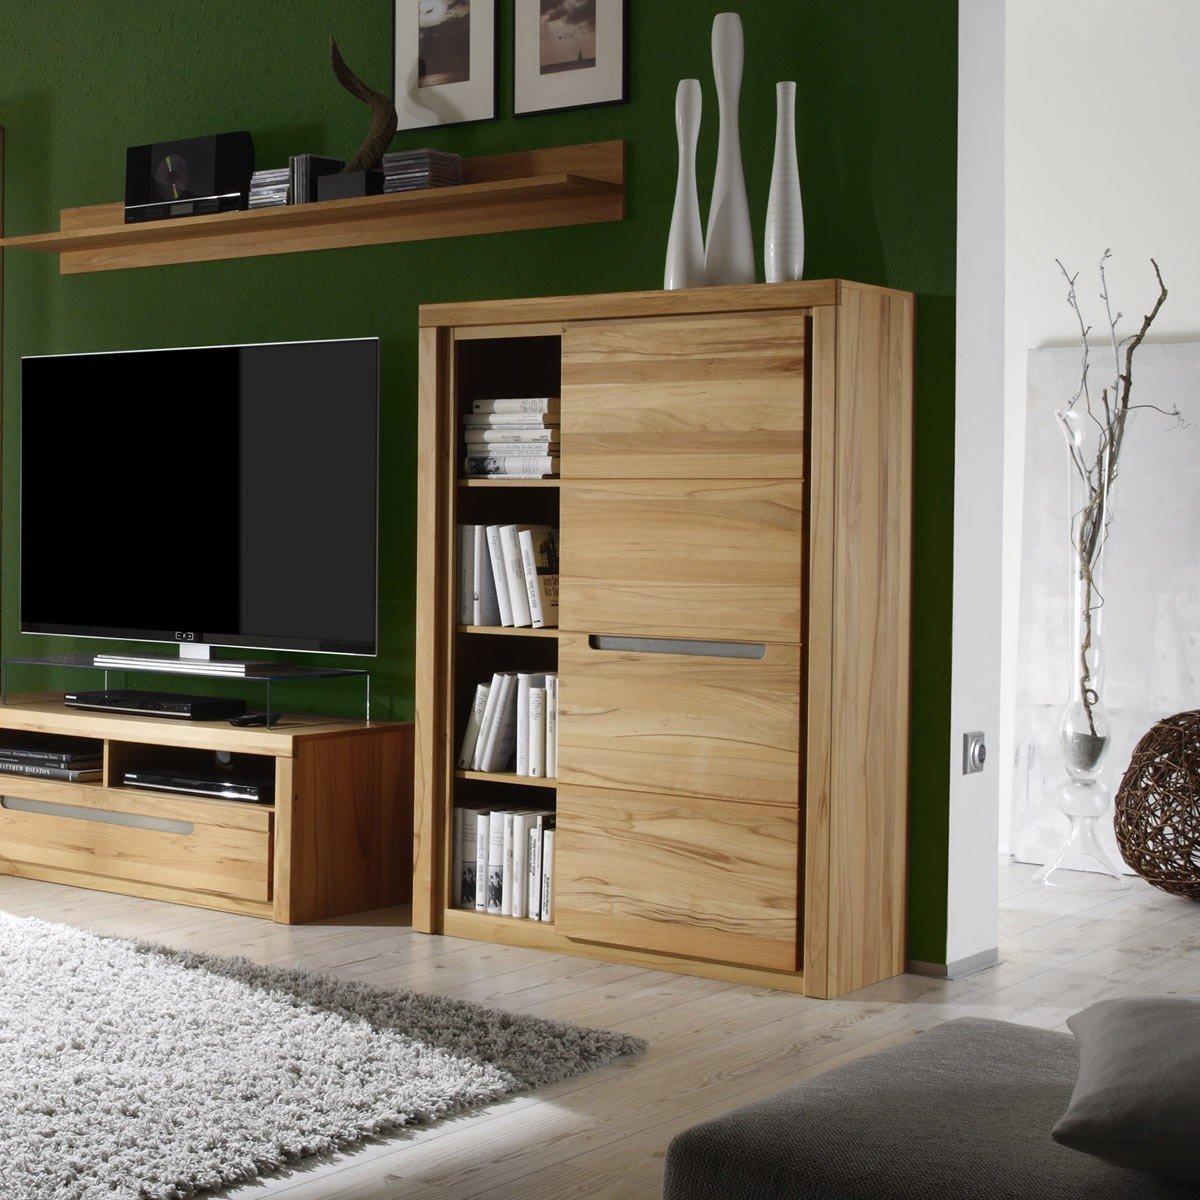 kommode zino kernbuche massiv highboard sideboard wohnzimmer schrank anrichte m bel wohnen. Black Bedroom Furniture Sets. Home Design Ideas